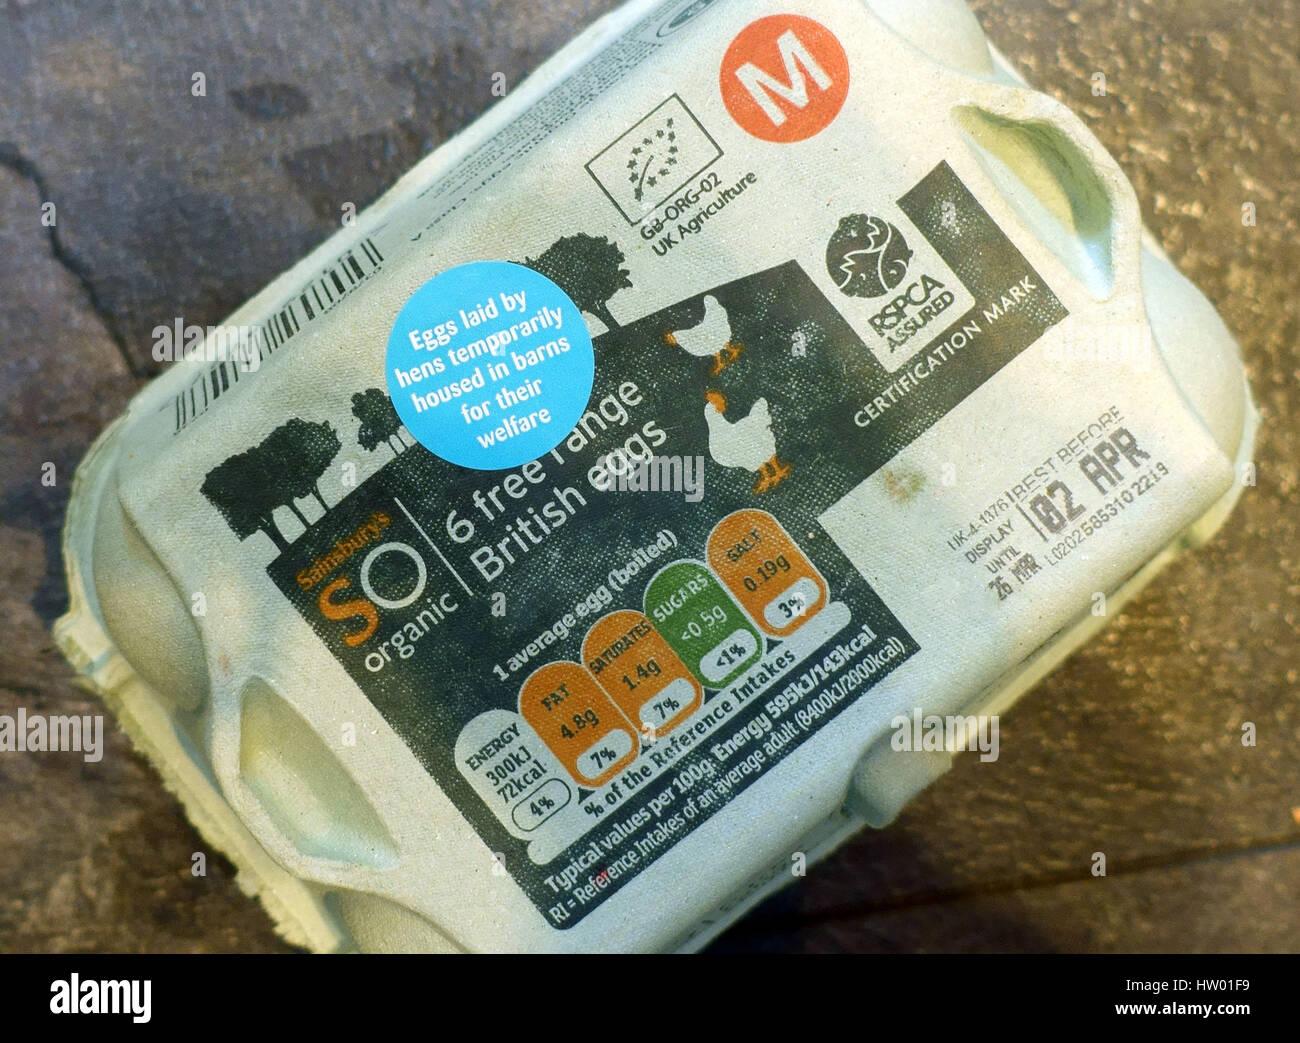 Supermercato free range uova deposte da galline casa temporaneamente in granai per il loro benessere, Londra Immagini Stock